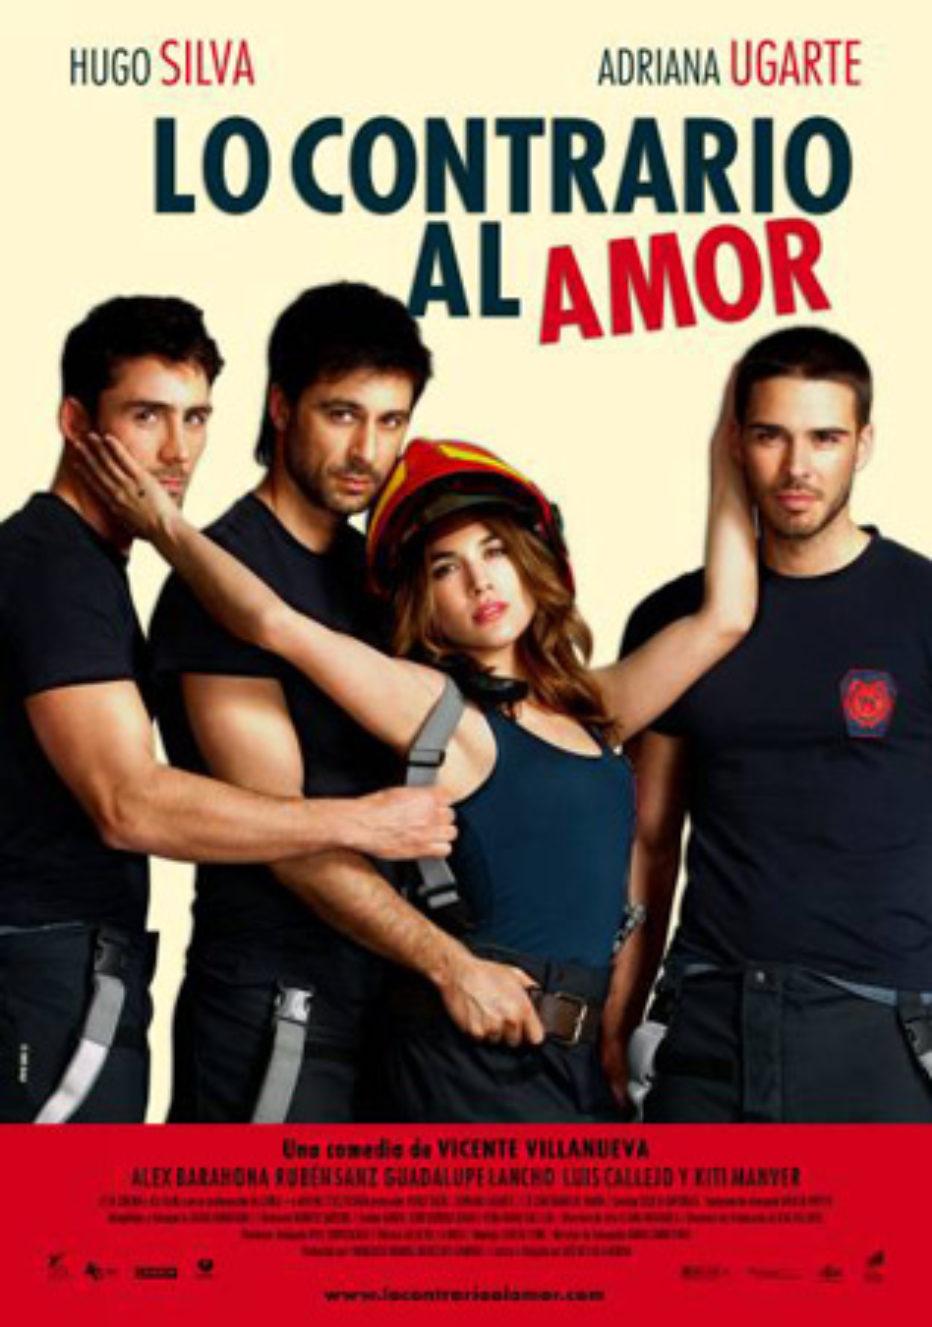 Lo contrario al amor: galería con Hugo Silva y Adriana Ugarte entre otros